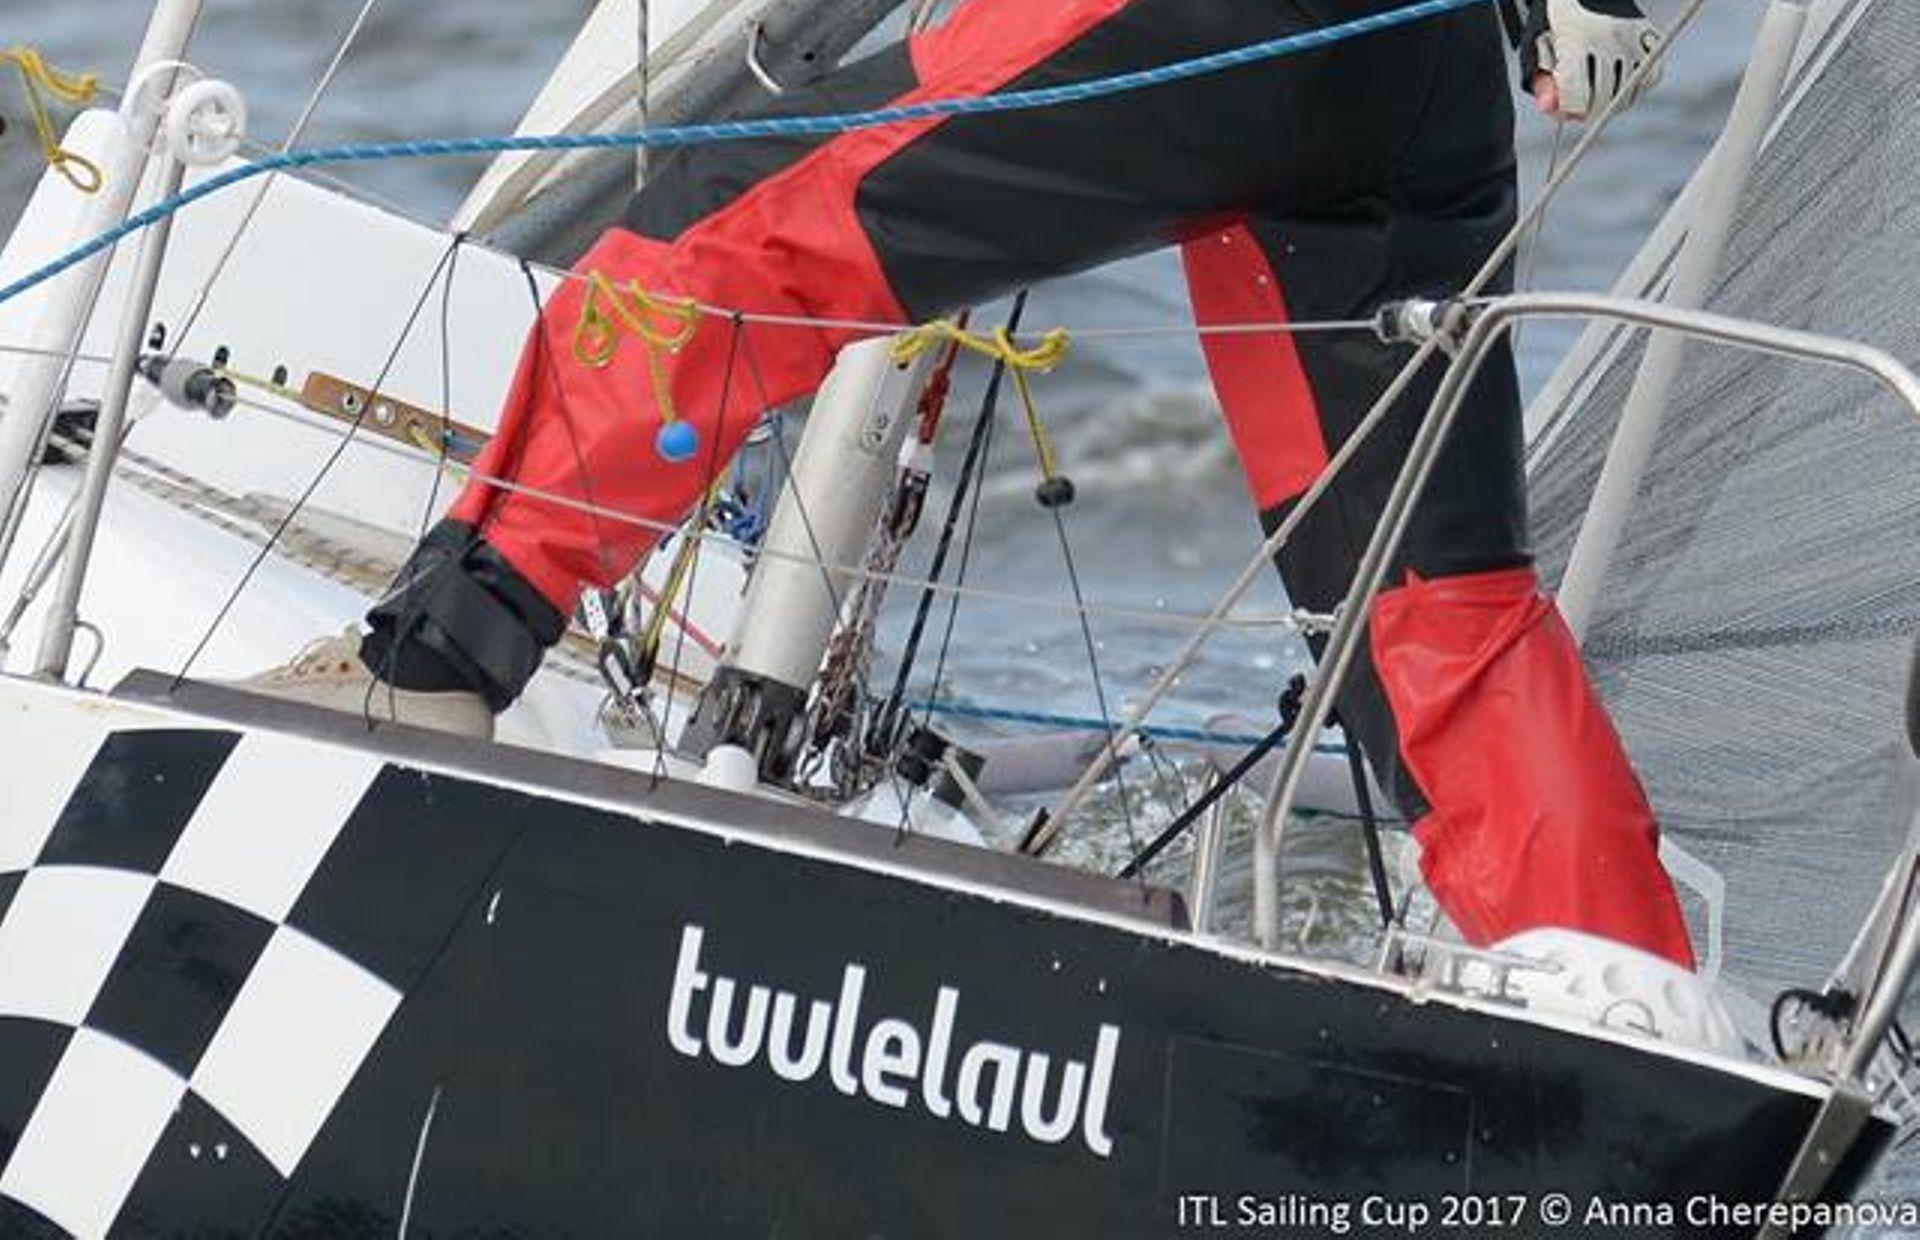 https://media.insailing.com/boat/tuulelaul-tuulelaul/image_1581498684497.jpg